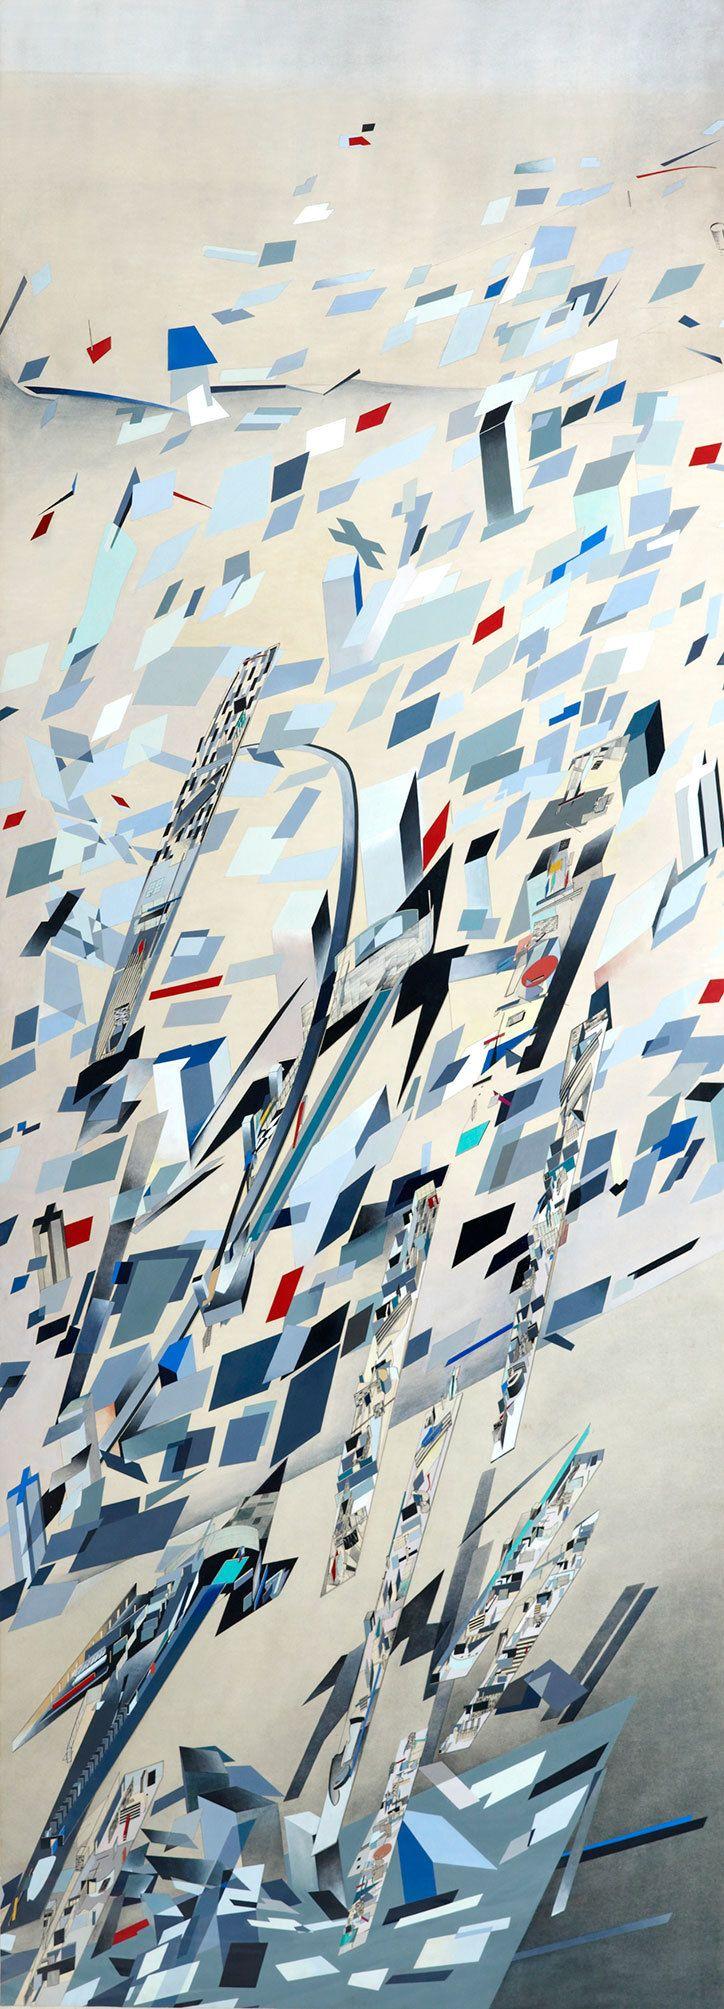 Zaha Hadid: Confetti (The Peak, Hong Kong, 1982 – 1983)